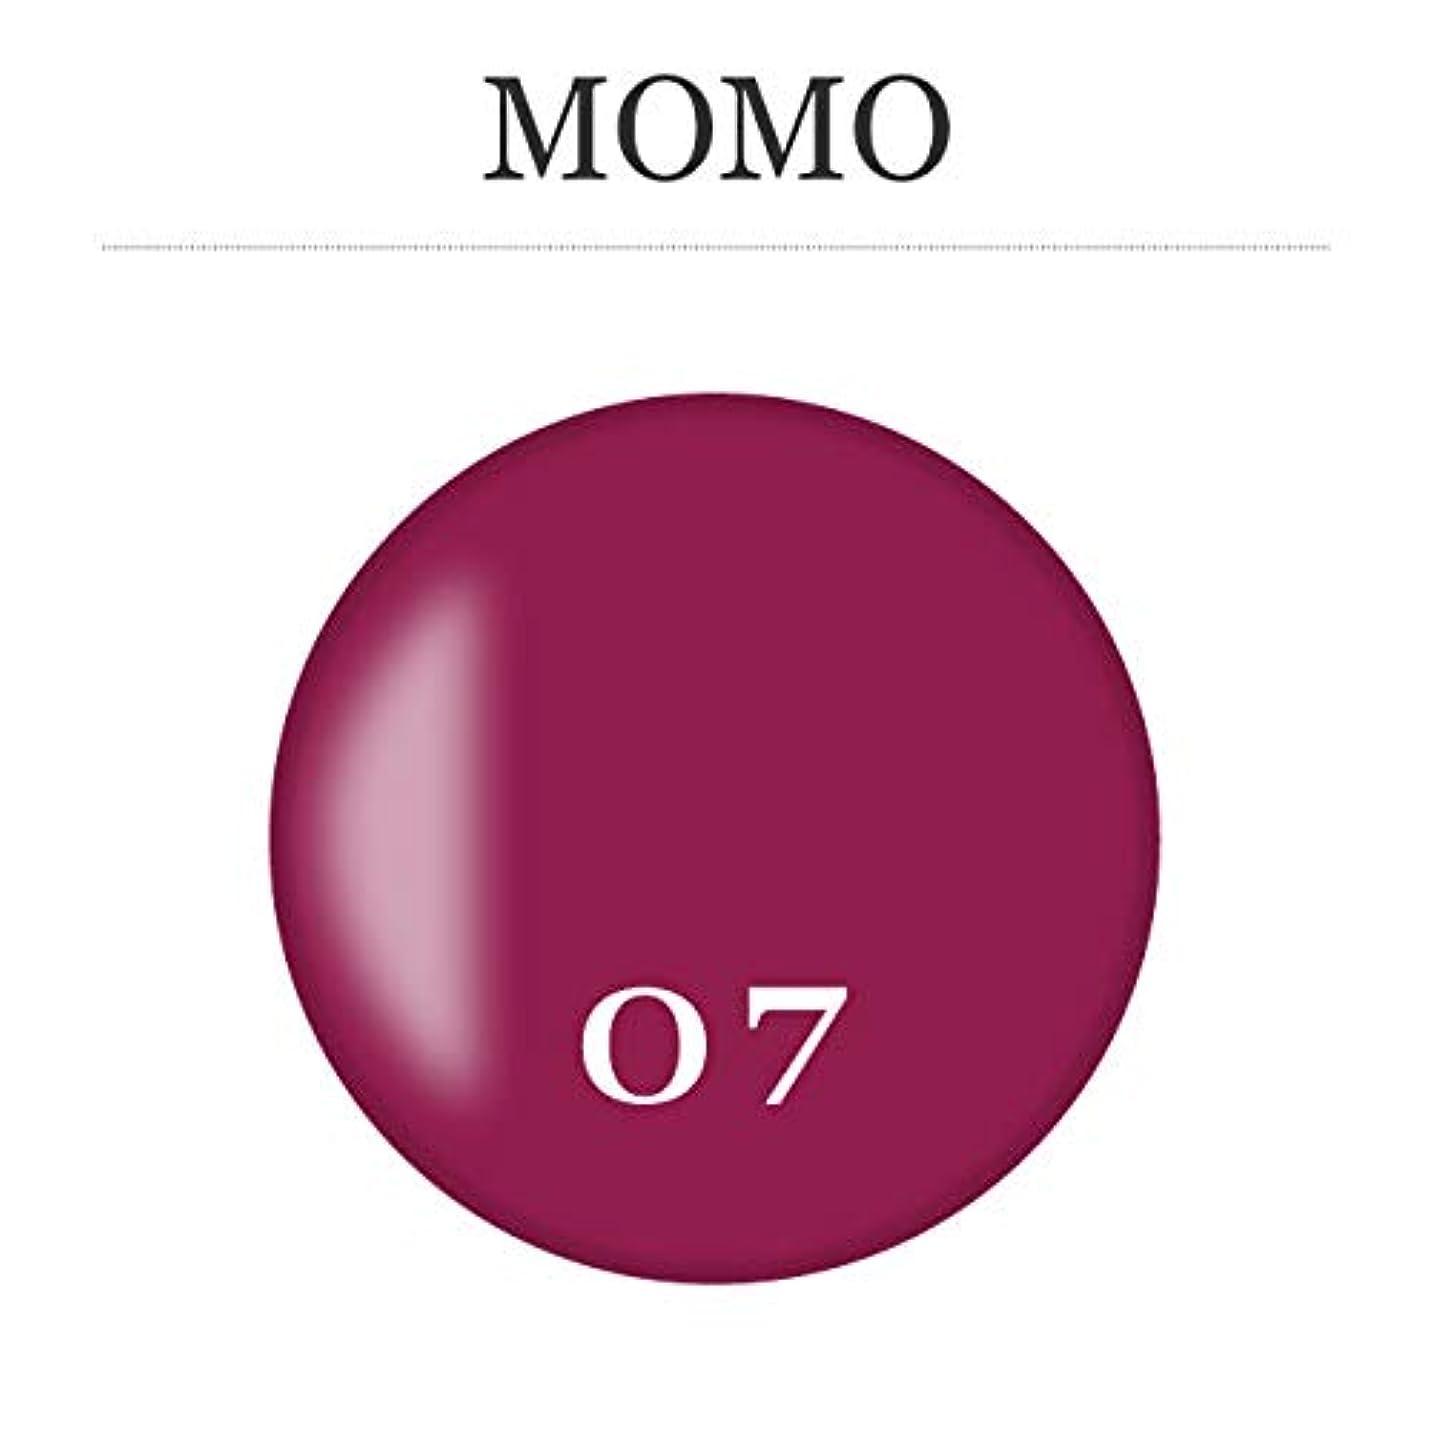 ネイティブ謎めいた安全性カラージェル MOMO-07 by nail for all